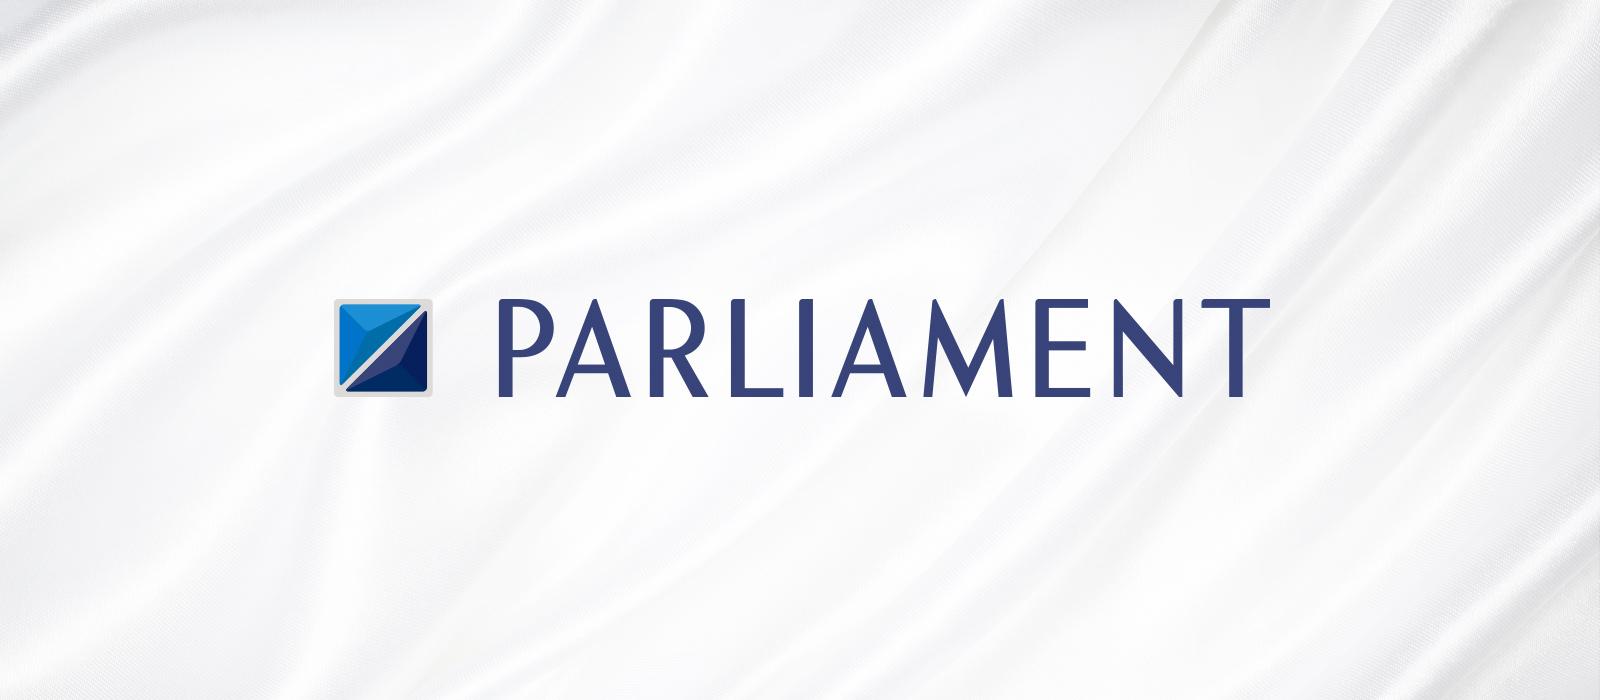 PARLIAMENT_logoLg